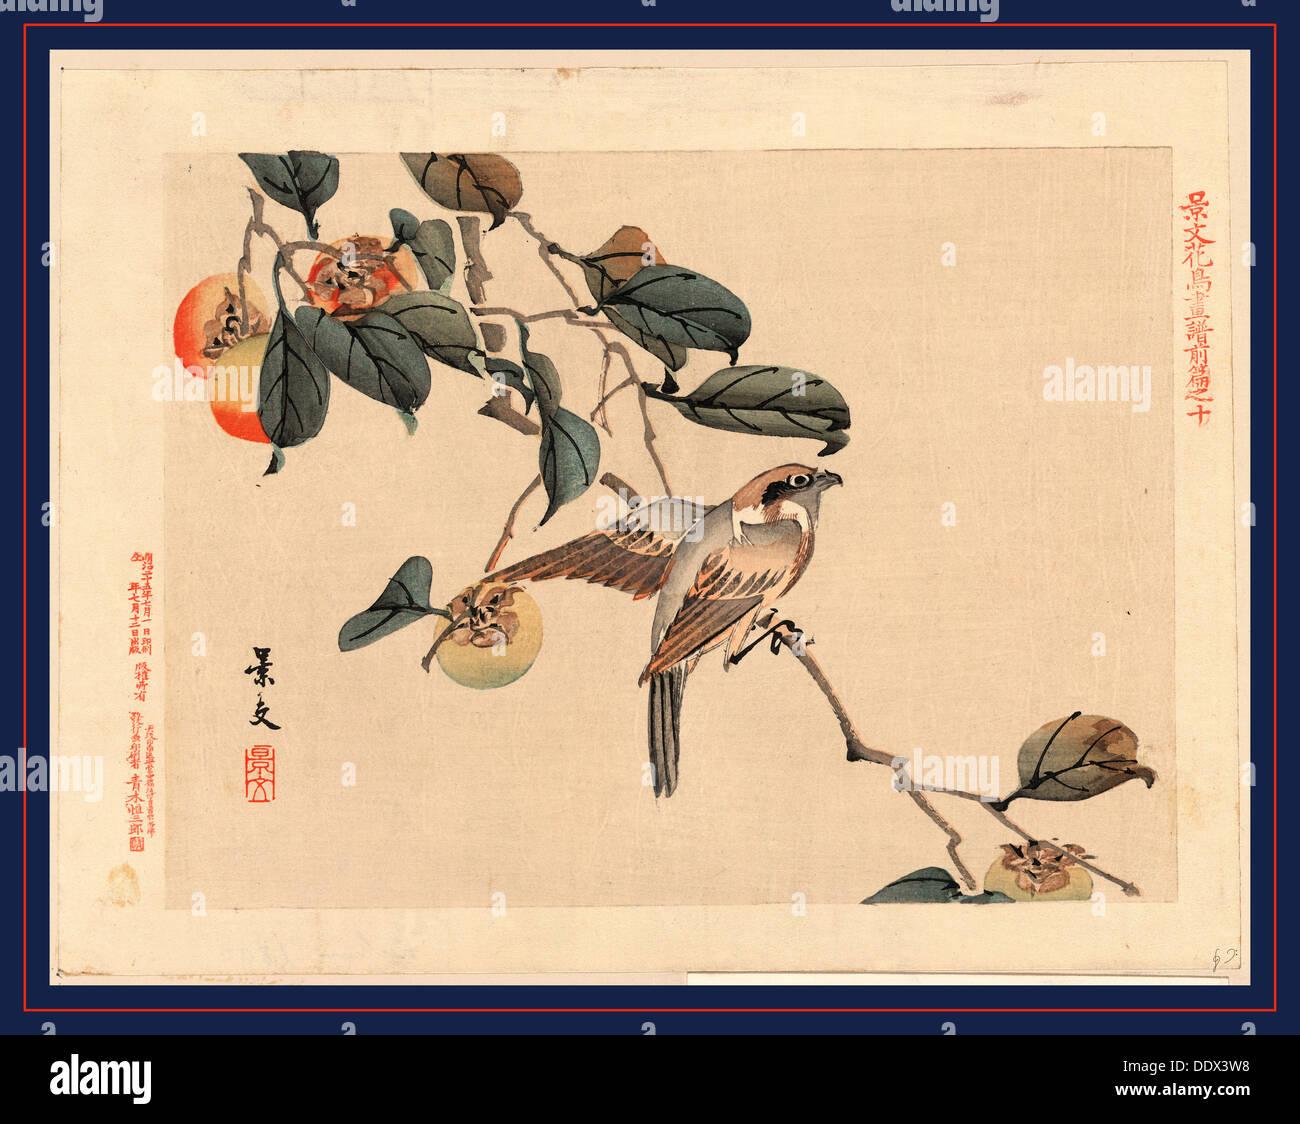 No Zenpen ju, página 10. 1892., 1 Imprimir : xilografía, color ; 20,9 x 27,3 cm., impresión muestra un pájaro posado en una rama en el caqui Imagen De Stock